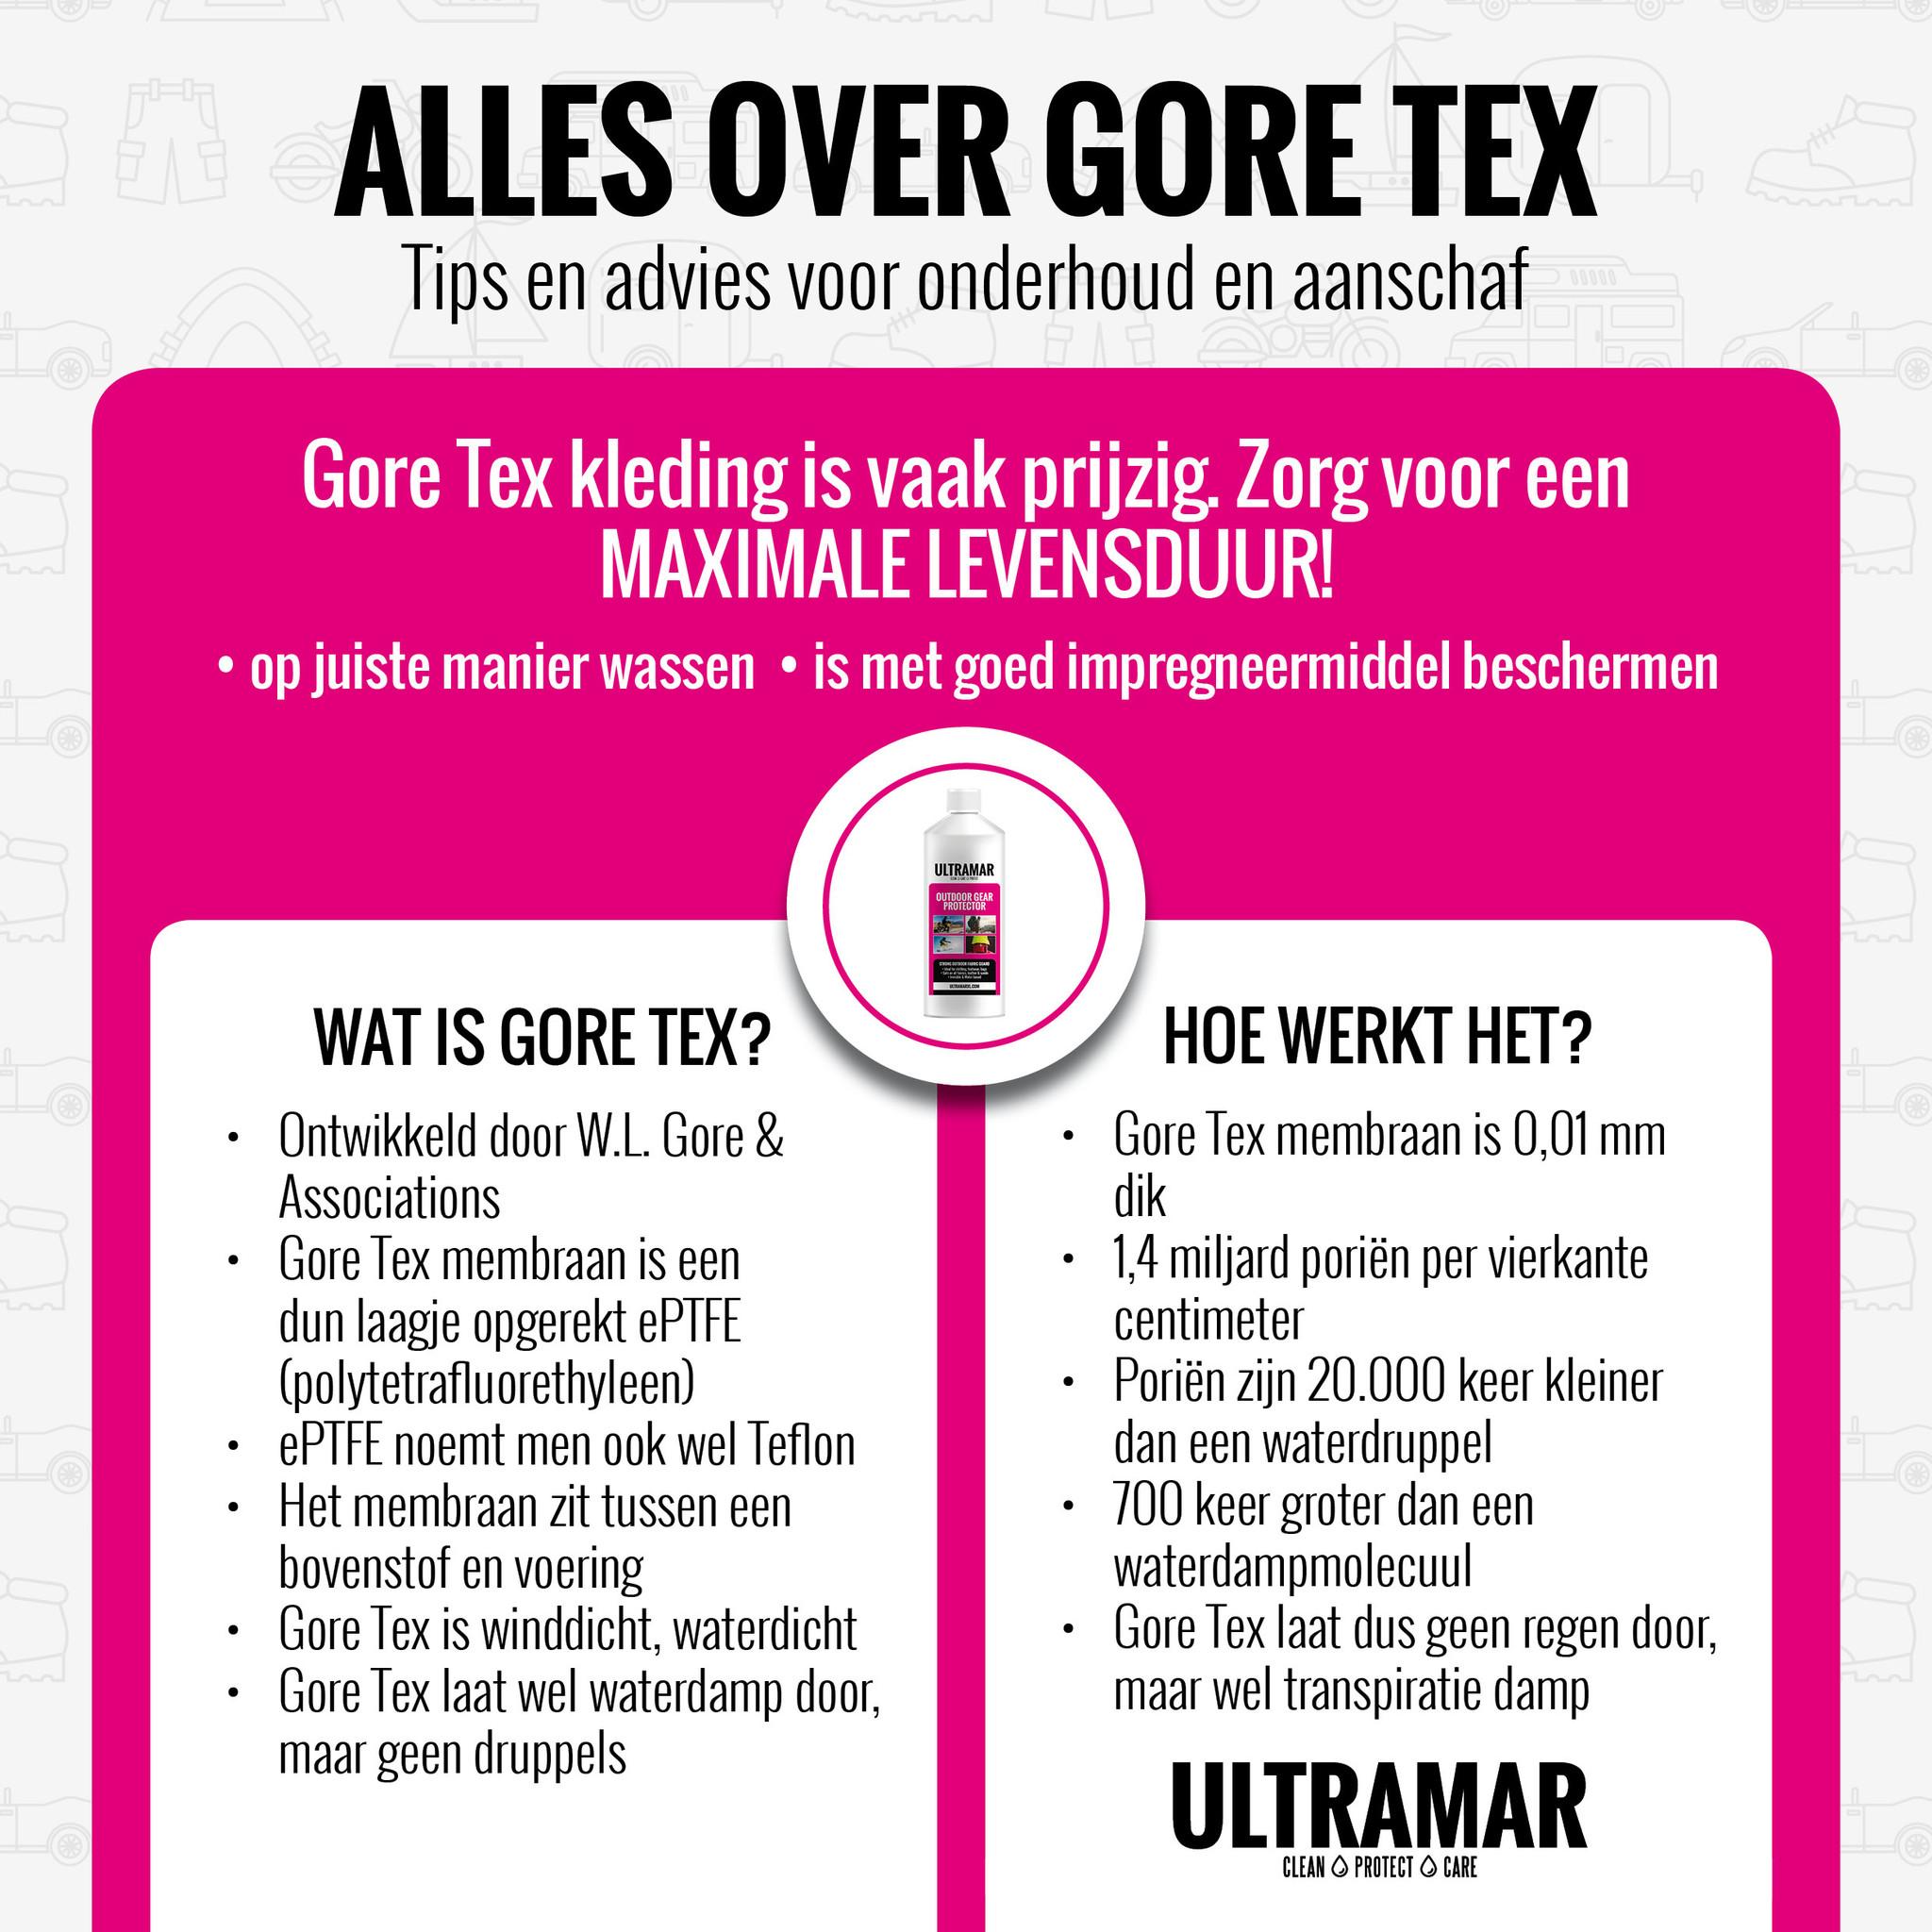 Gore Tex onderhoud tips en advies